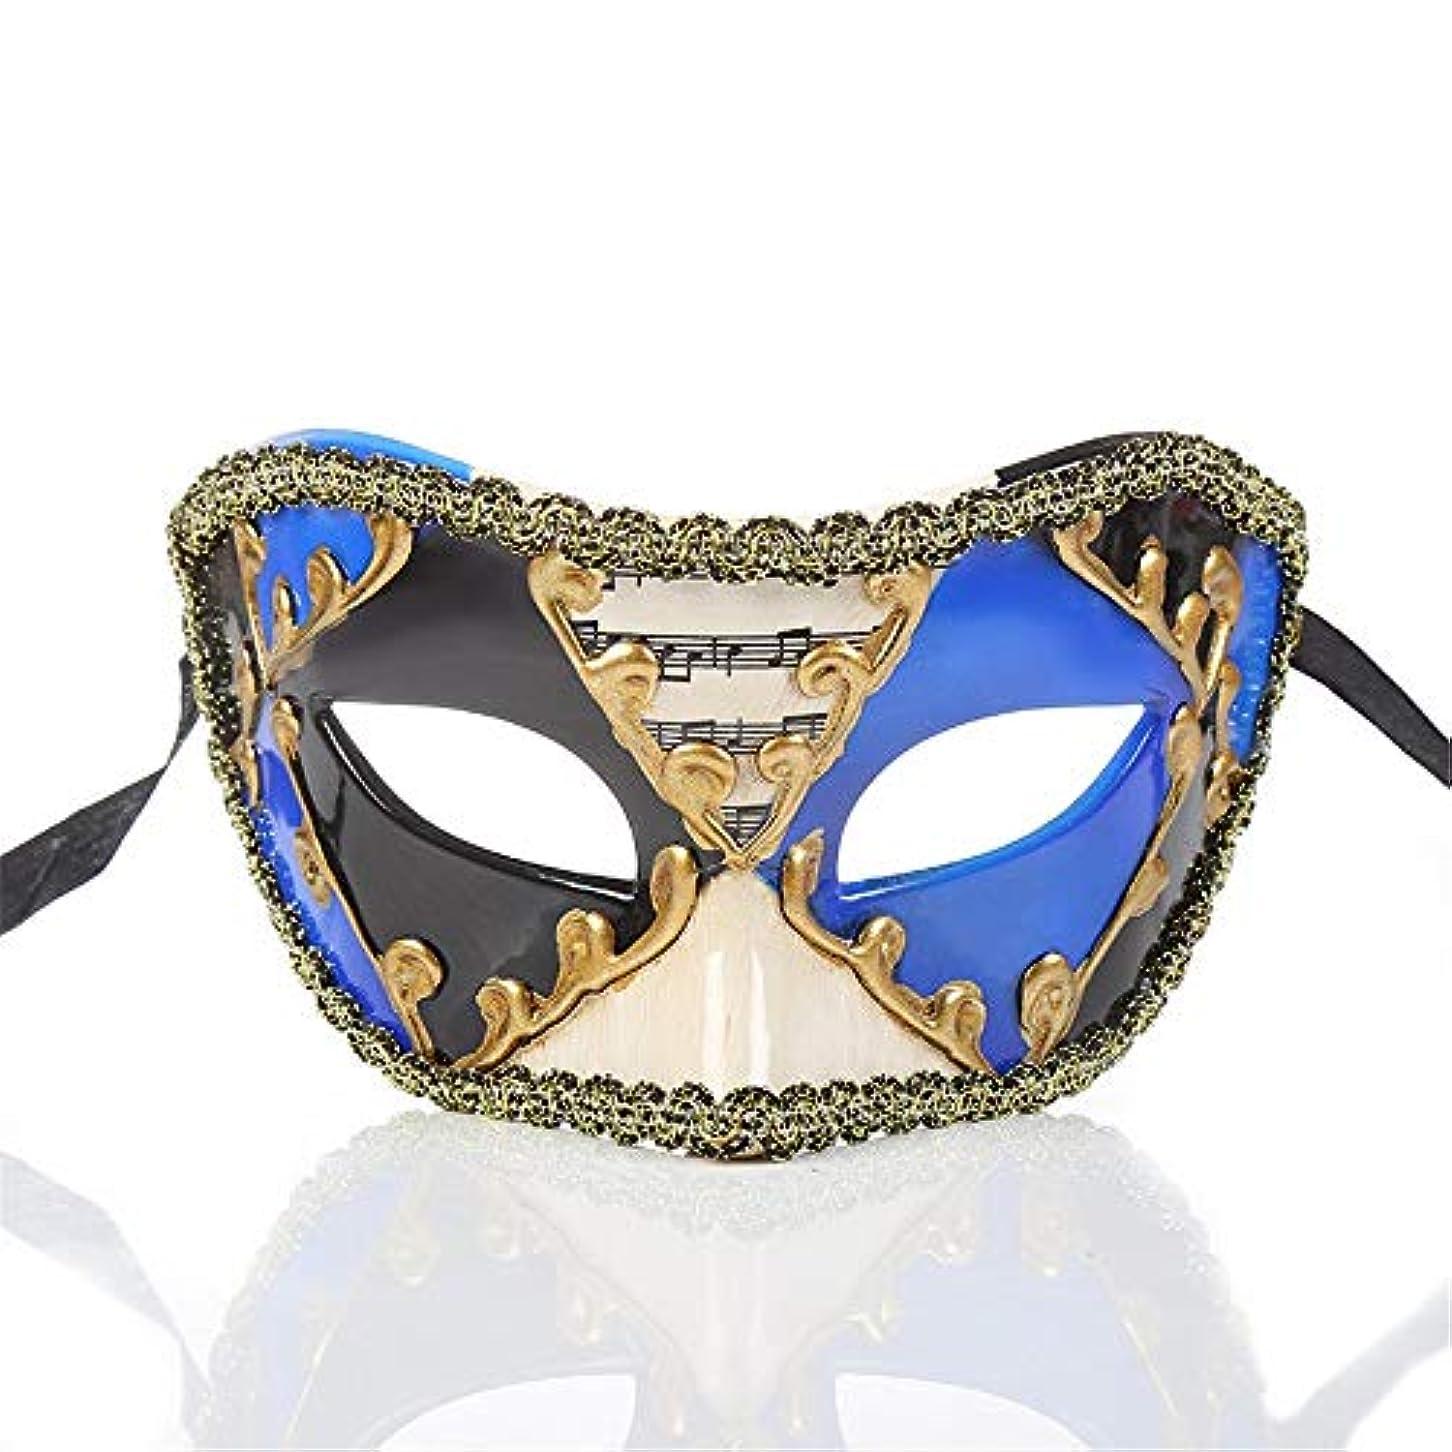 作成する適合召集するダンスマスク ヴィンテージクラシックハーフフェイスクラウンミュージカルノート装飾マスクフェスティバルロールプレイングプラスチックマスク ホリデーパーティー用品 (色 : 青, サイズ : 16.5x8cm)